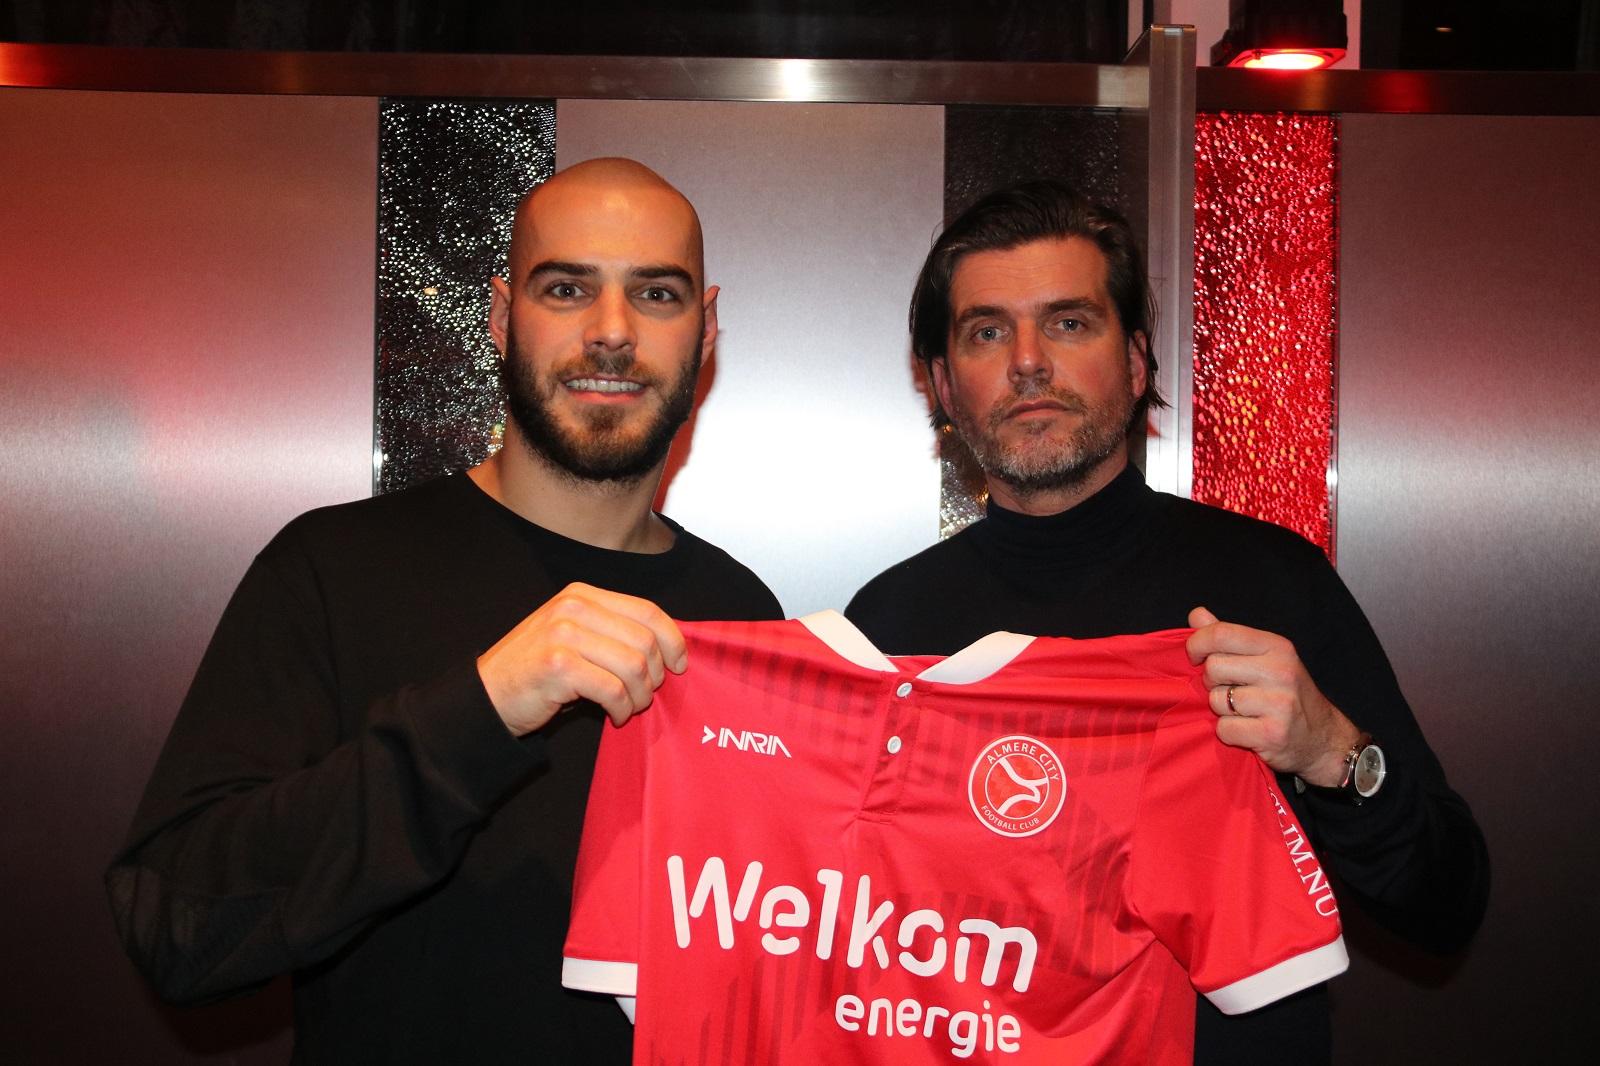 Eindelijk! Ruud Boymans heeft een contract getekend bij Almere City FC